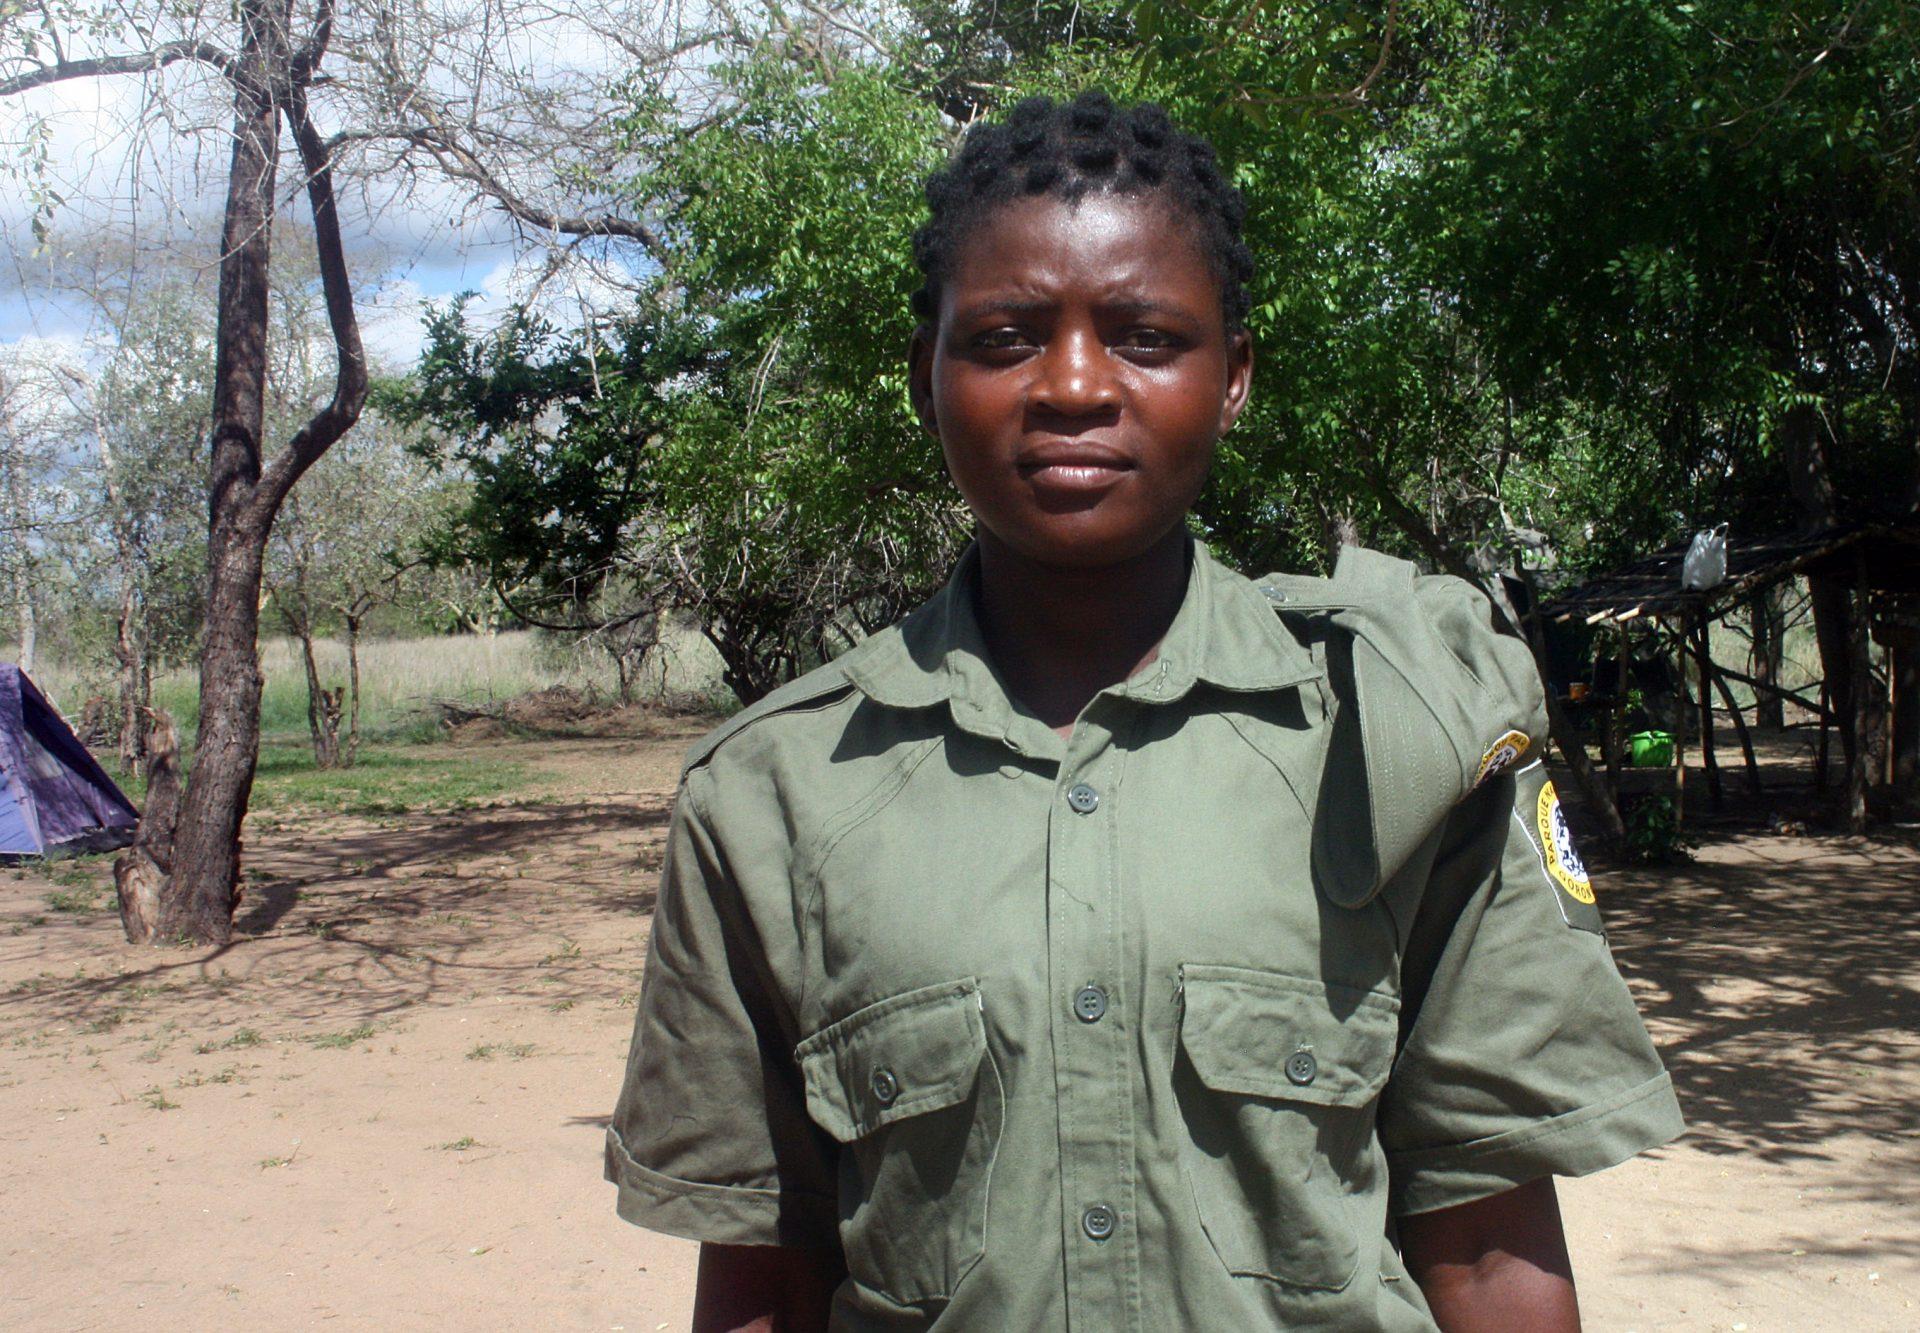 Acordo de paz em Moçambique deve propiciar estabilidade e coesão – CPLP